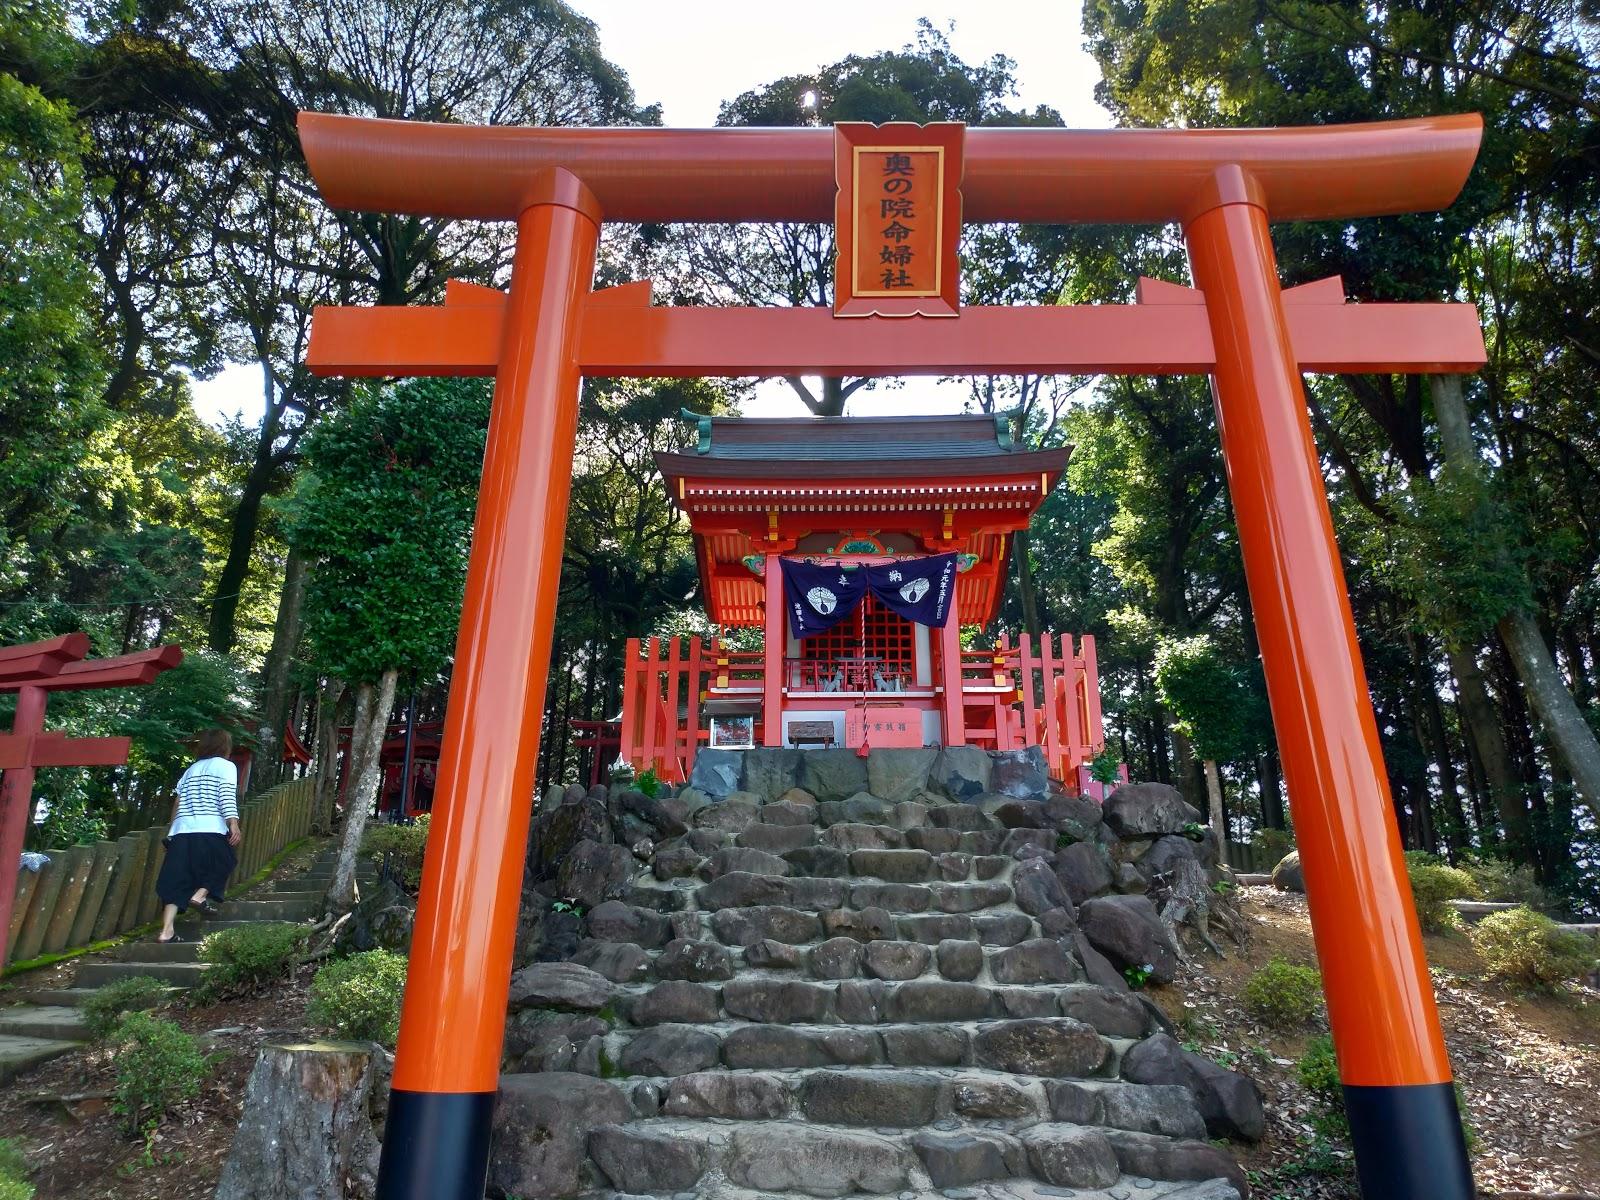 佐賀・祐徳稲荷神社の参拝で奥の院の絶景をご紹介します!